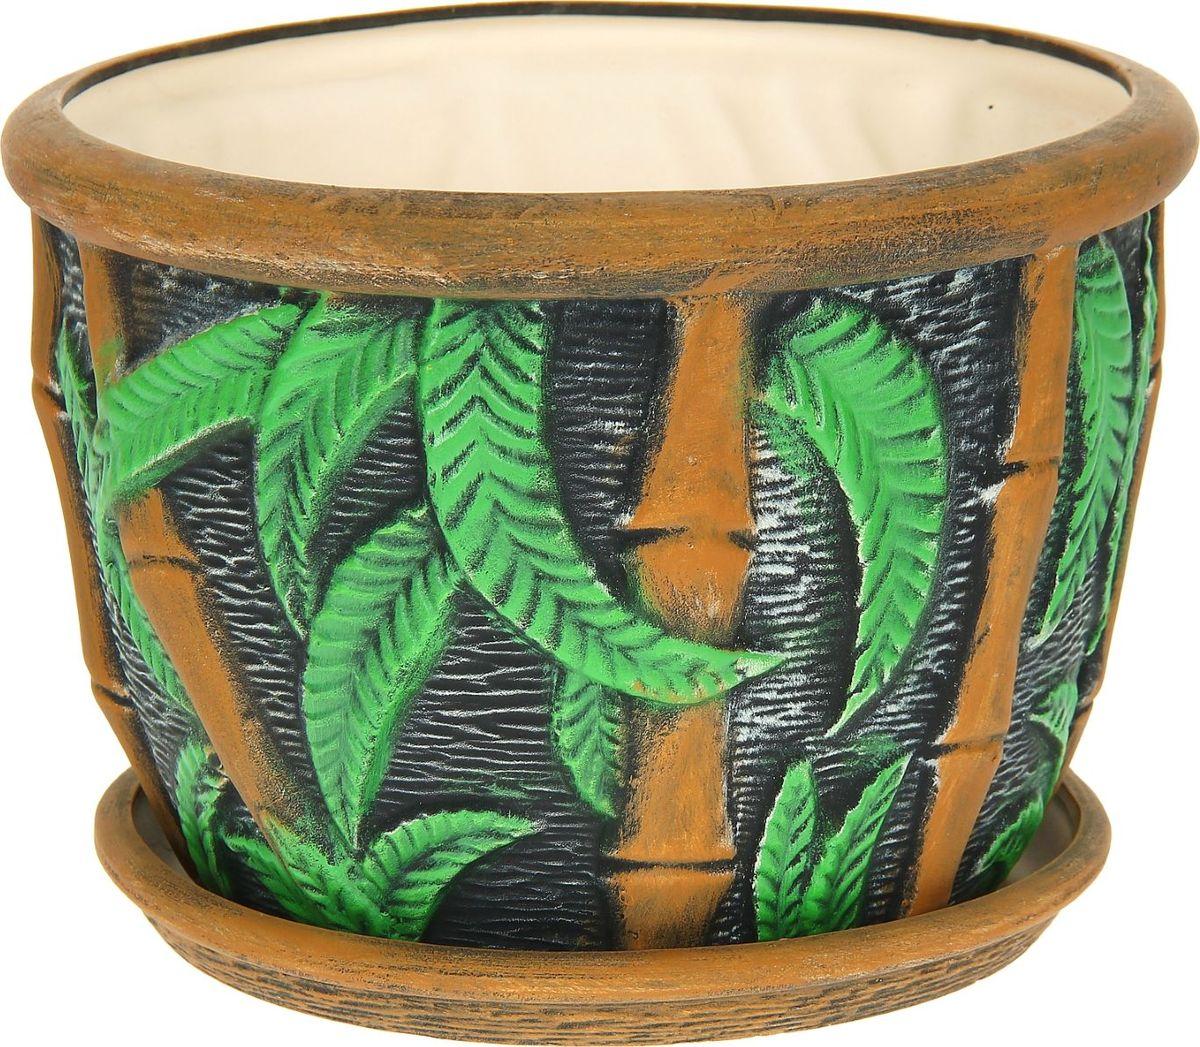 Кашпо Керамика ручной работы Бамбук, 11 л. 11142421114242Комнатные растения — всеобщие любимцы. Они радуют глаз, насыщают помещение кислородом и украшают пространство. Каждому из них необходим свой удобный и красивый дом. Кашпо из керамики прекрасно подходят для высадки растений: за счёт пластичности глины и разных способов обработки существует великое множество форм и дизайновпористый материал позволяет испаряться лишней влагевоздух, необходимый для дыхания корней, проникает сквозь керамические стенки! #name# позаботится о зелёном питомце, освежит интерьер и подчеркнёт его стиль.